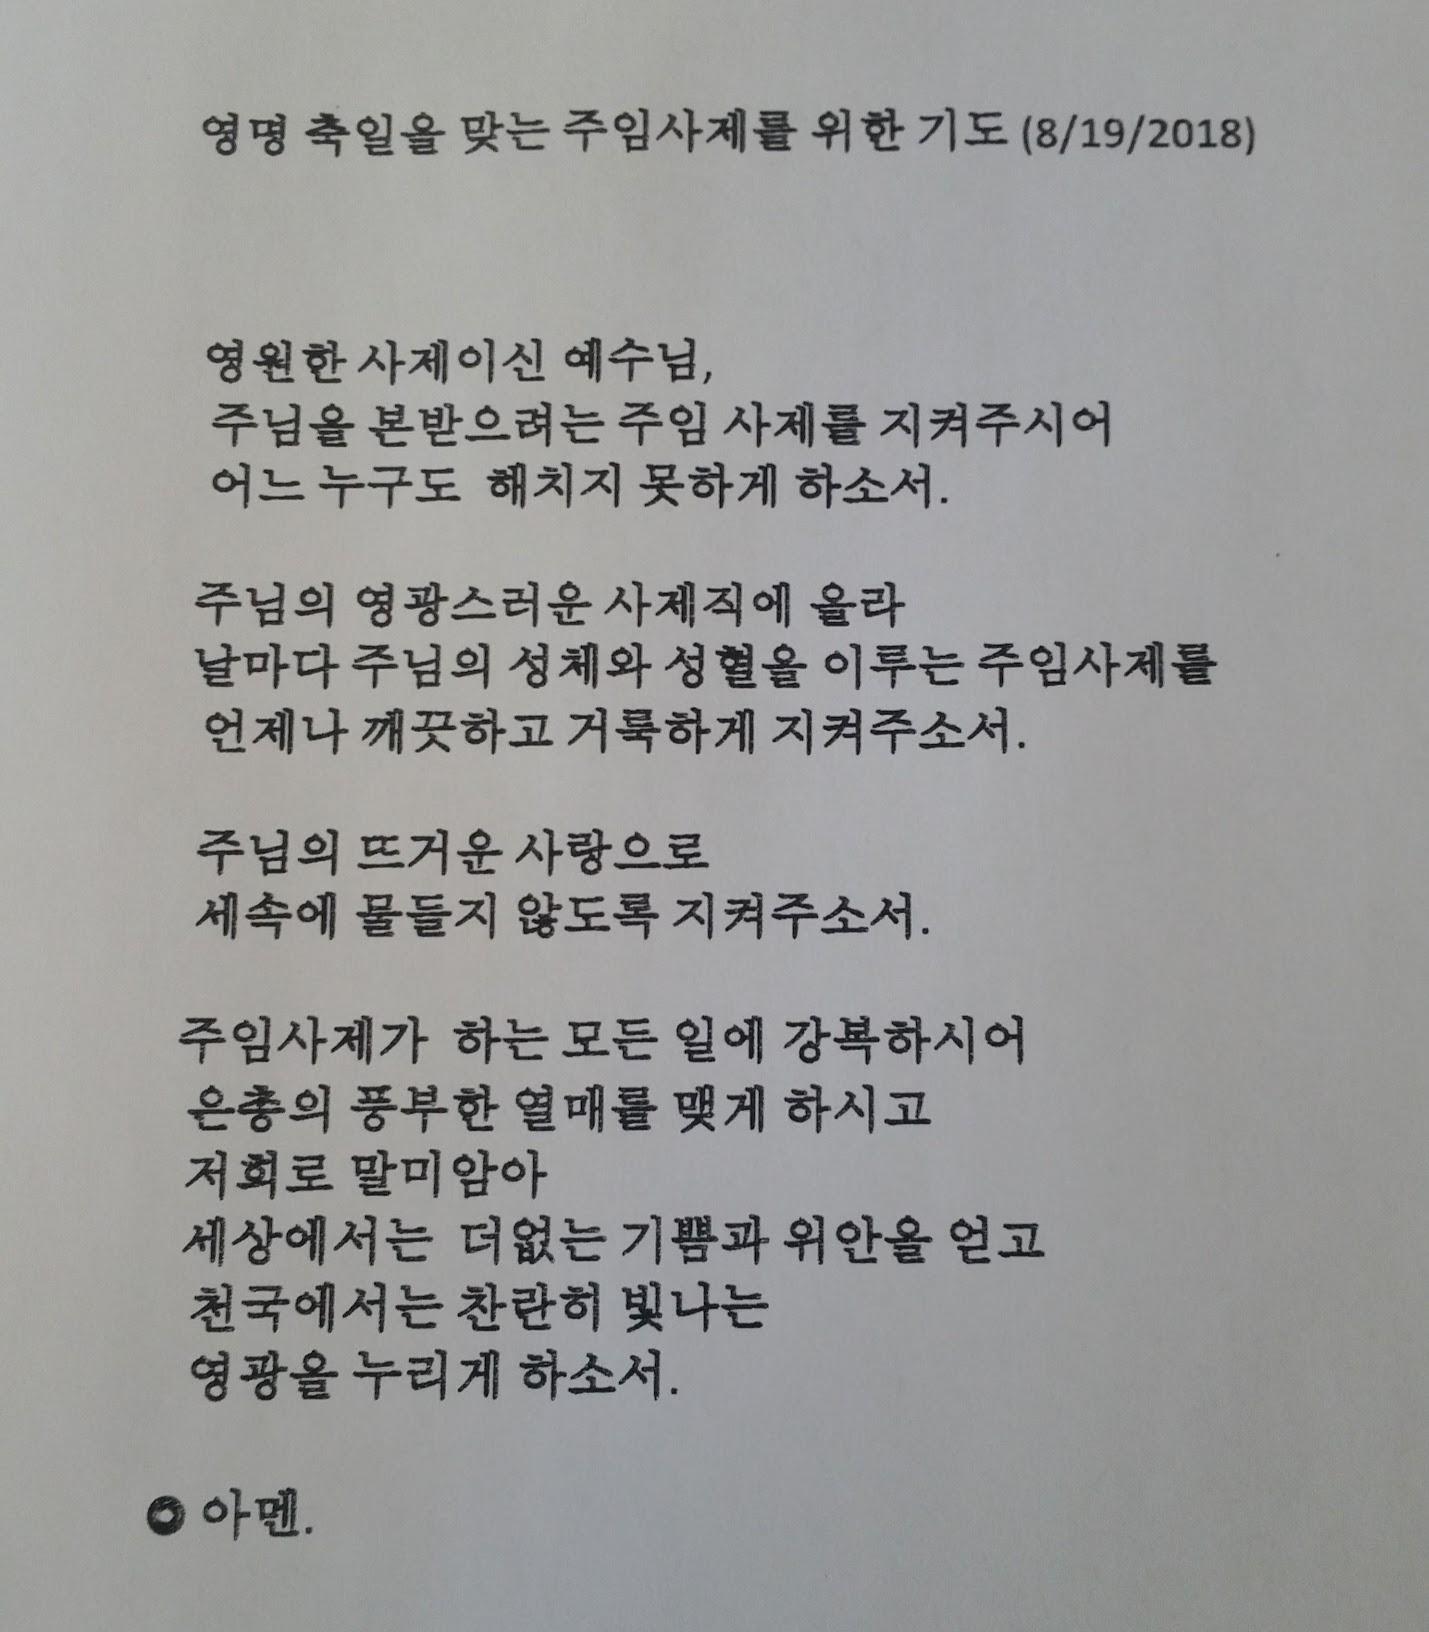 최기홍 신부님 영명축일